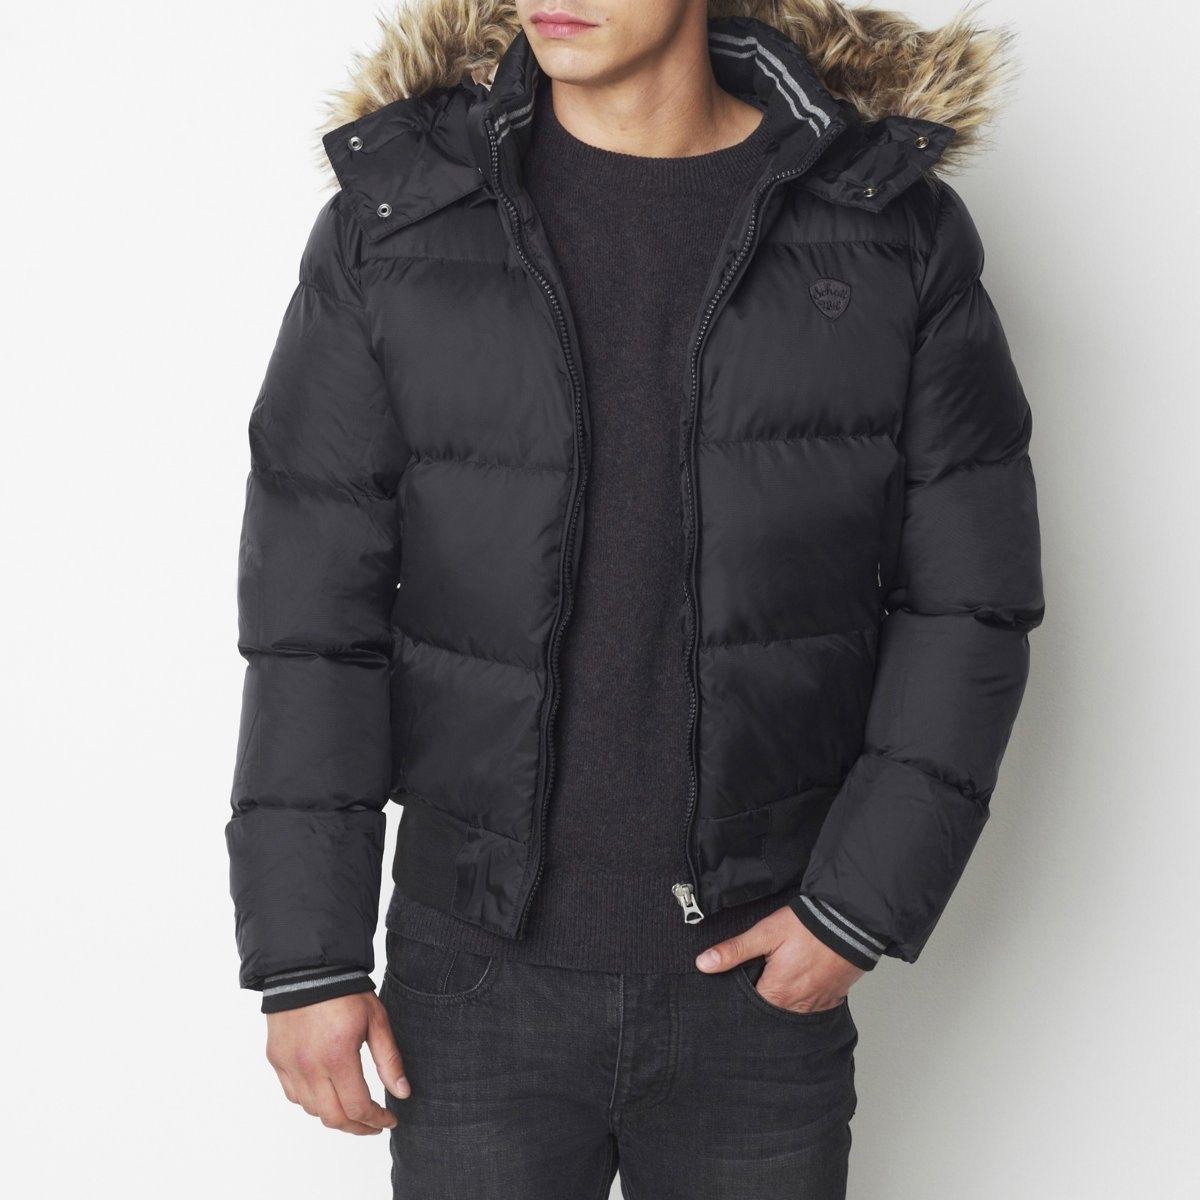 Купить со скидкой Куртка стеганая